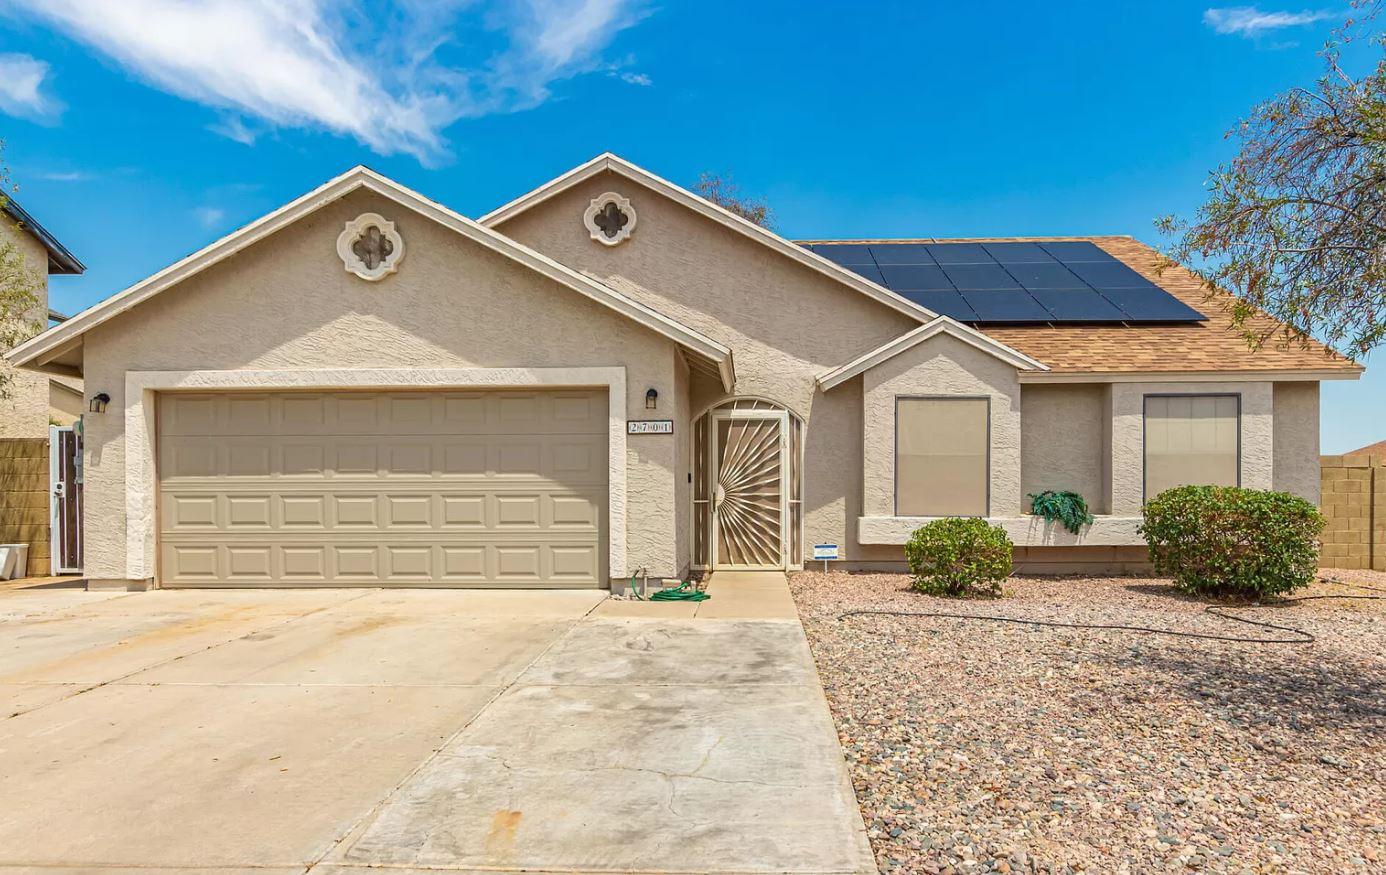 2701 N 87th Dr, Phoenix, AZ 85037